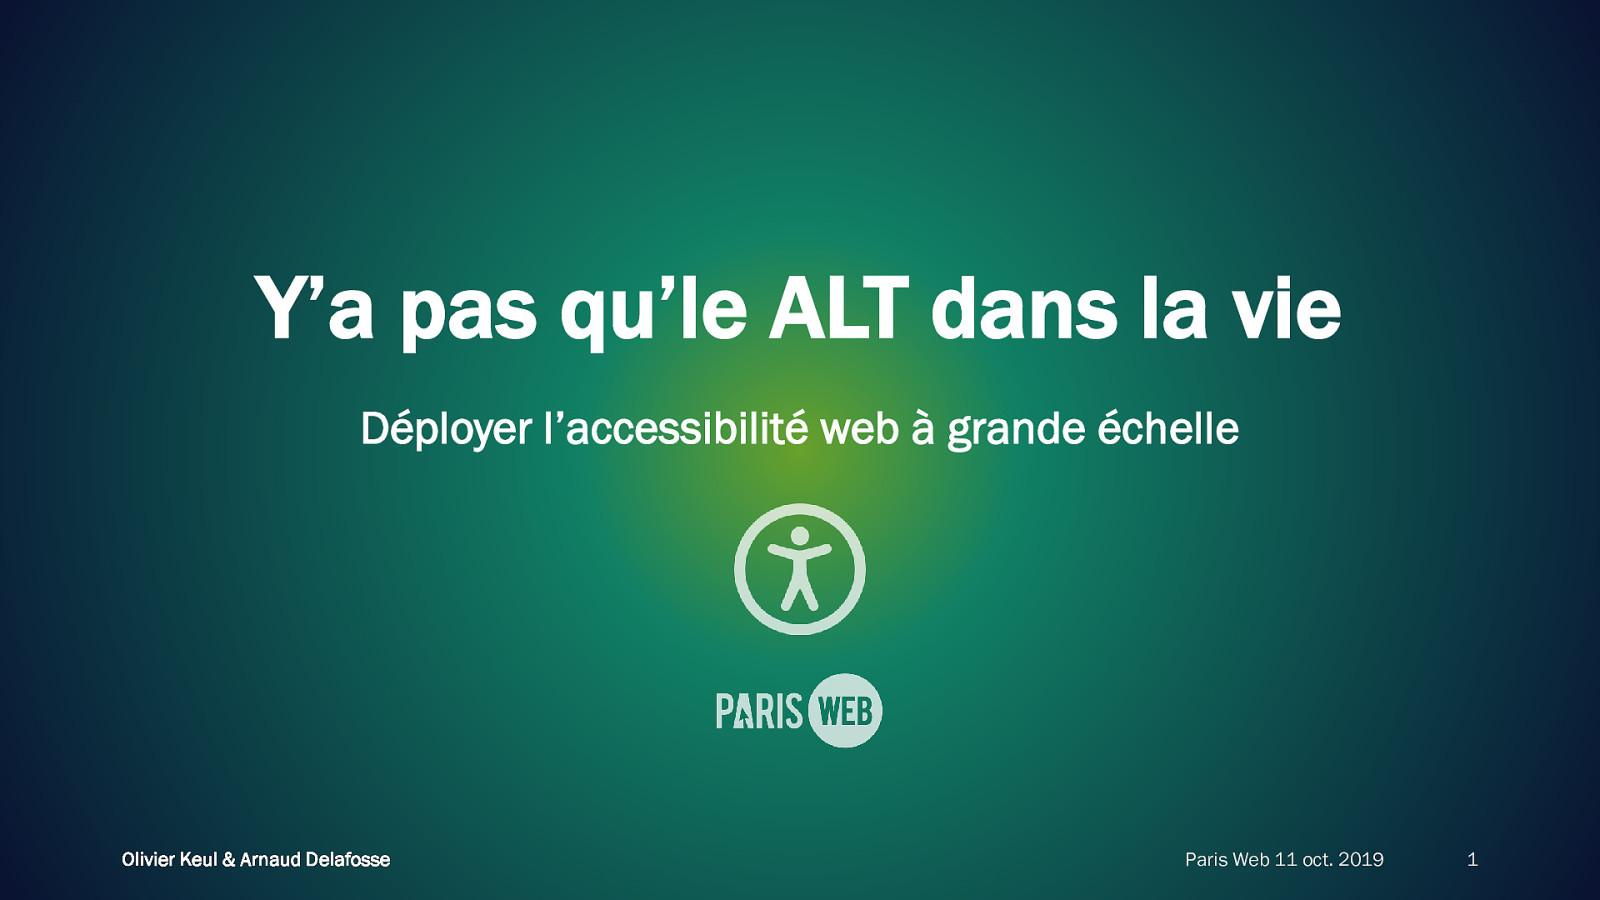 Y'a pas qu'le ALT dans la vie — Déployer l'accessibilité web à grande échelle